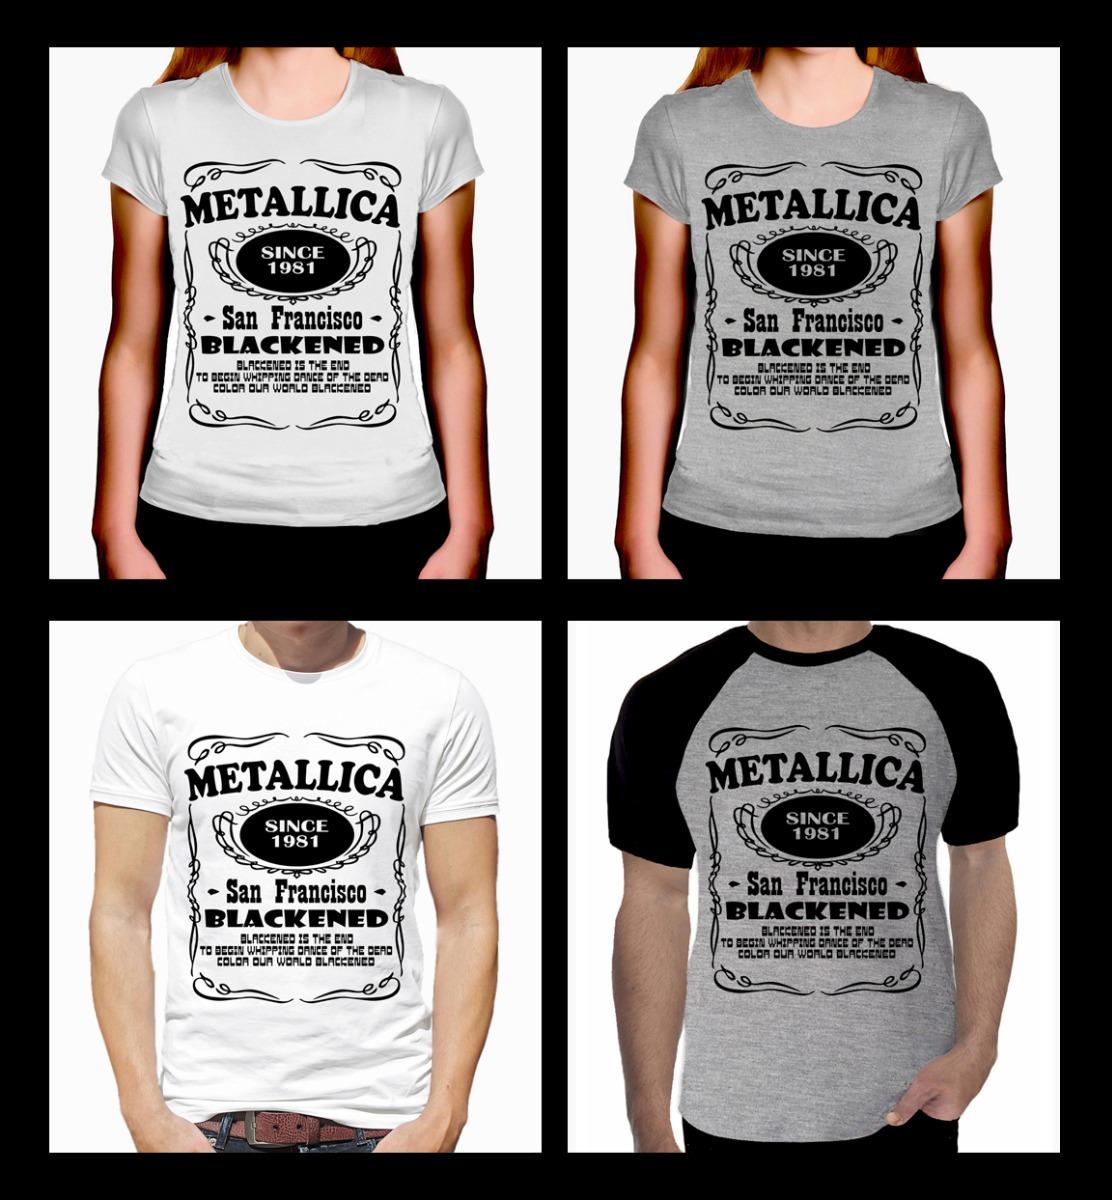 7a39d105d0 4 camisetas blusas camisas bandas de rock + frete grátis. Carregando zoom.